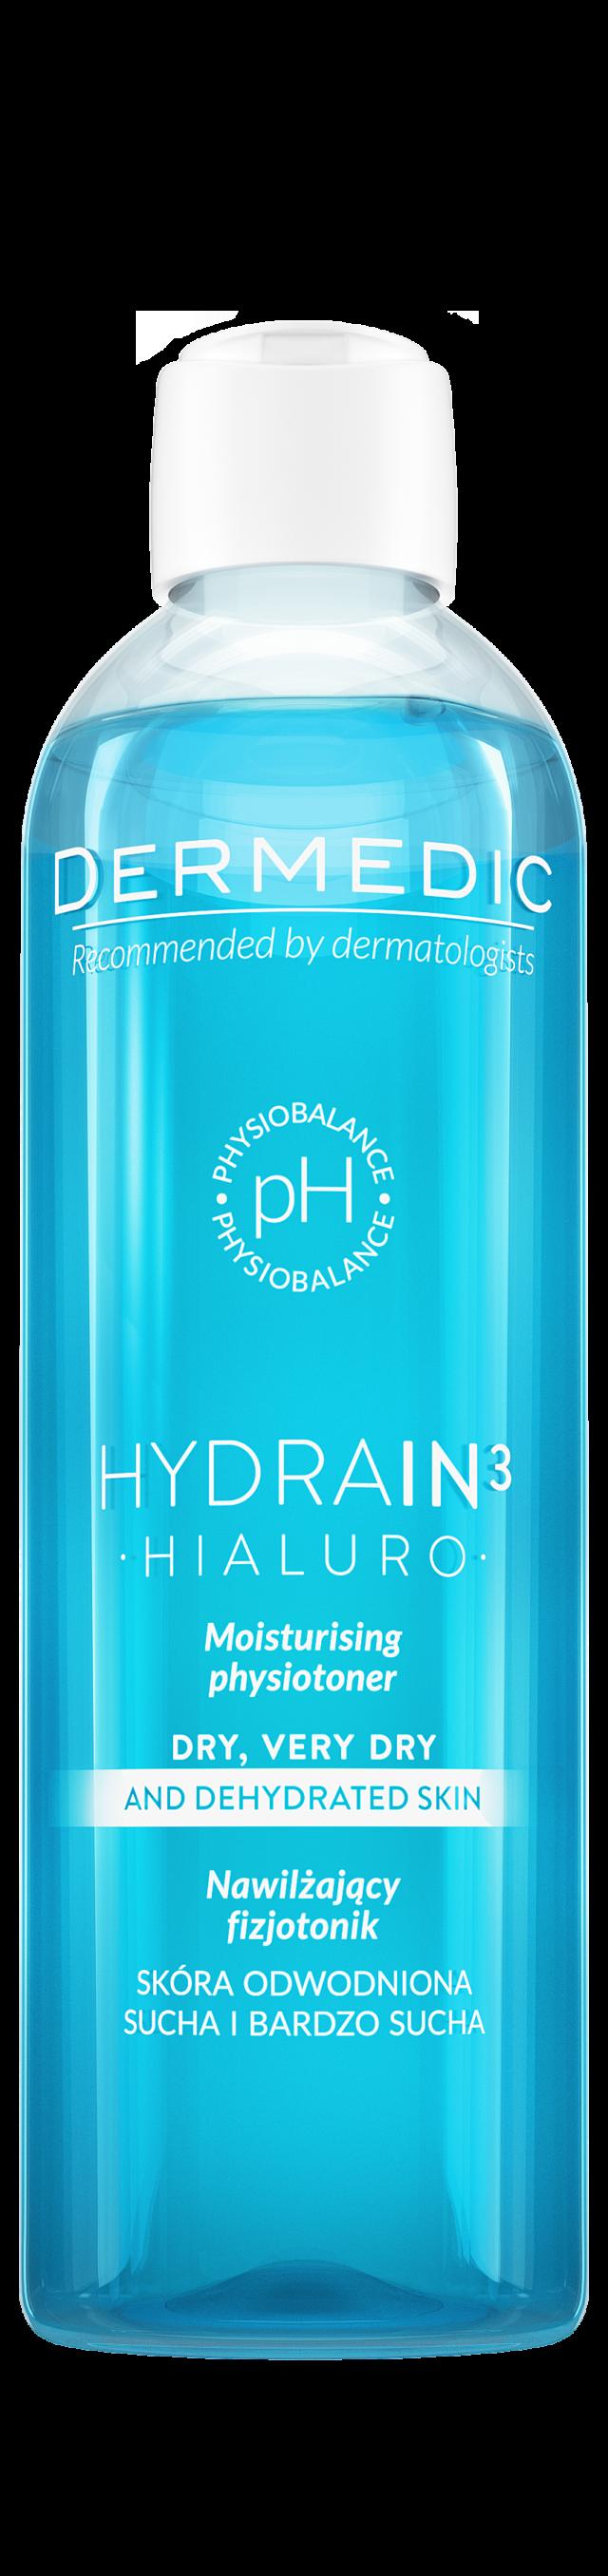 DERMEDIC HYDRAIN 3 HIALURO Nawilżający fizjotonik 200 ml